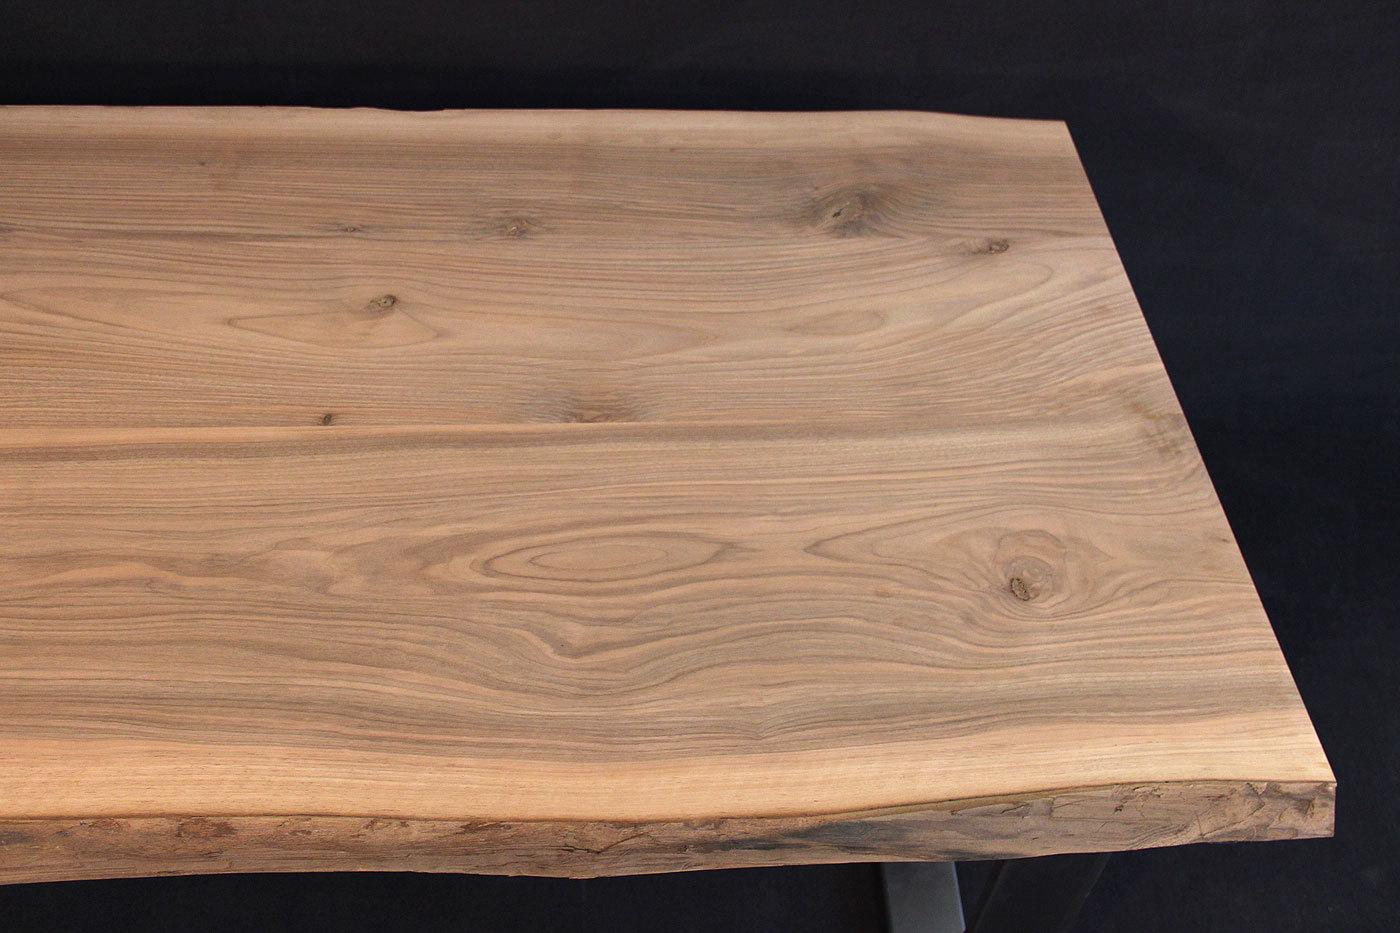 Massivholzplatte Mit Baumkante : tischplatte mit baumkante massivholz kaukasischer nussbaum a b mit splint dl 40 2000 1000 ~ Markanthonyermac.com Haus und Dekorationen